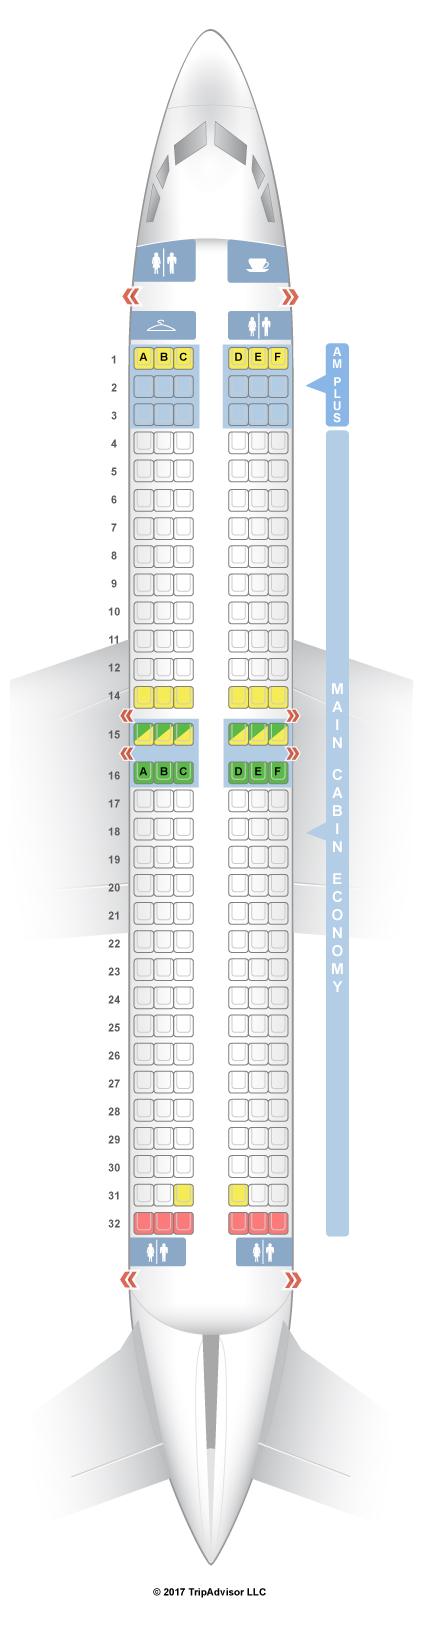 Aeromexico E90 Seating Chart